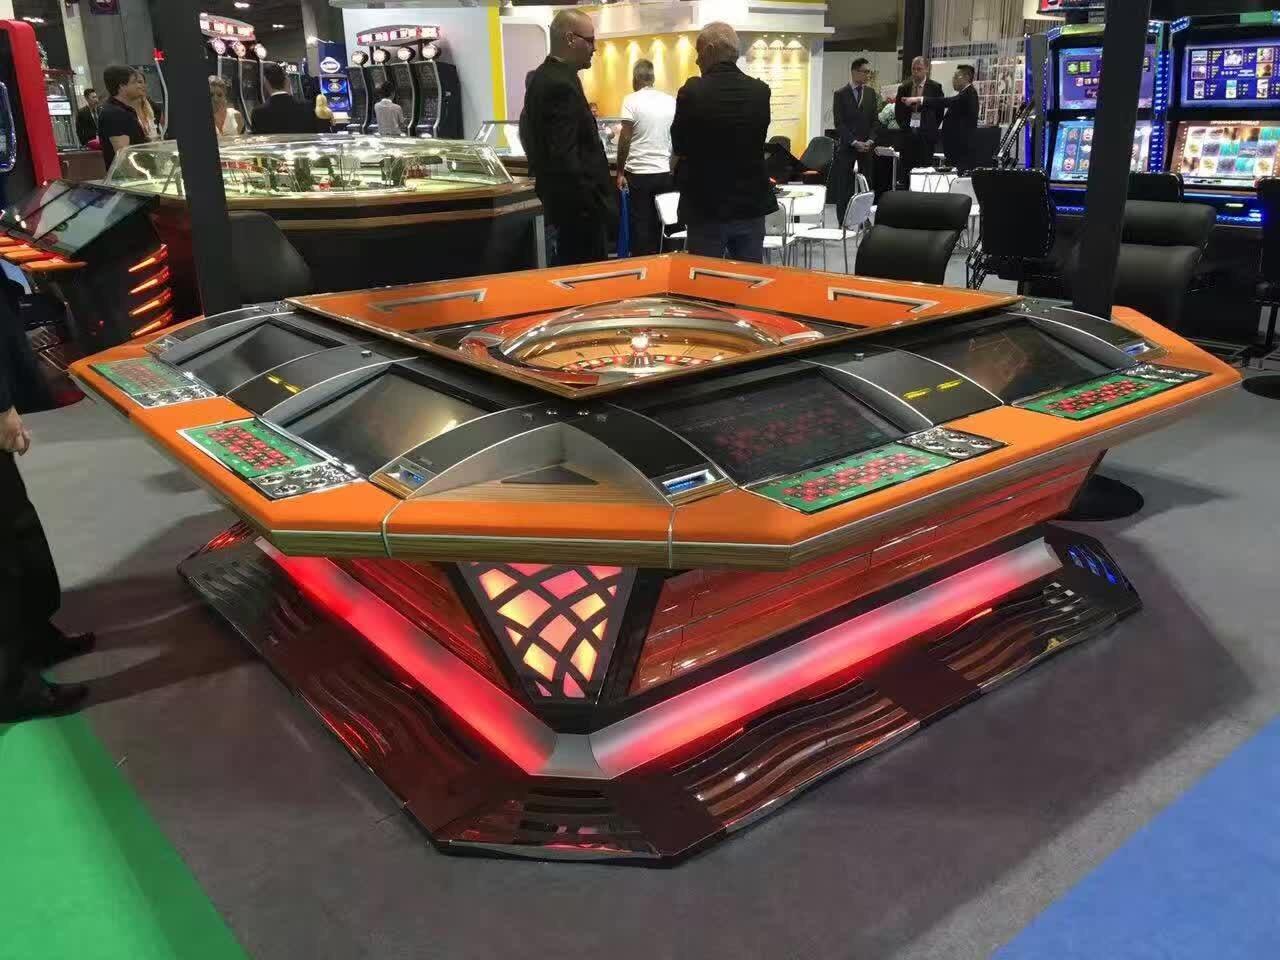 Gambling Hall game machine